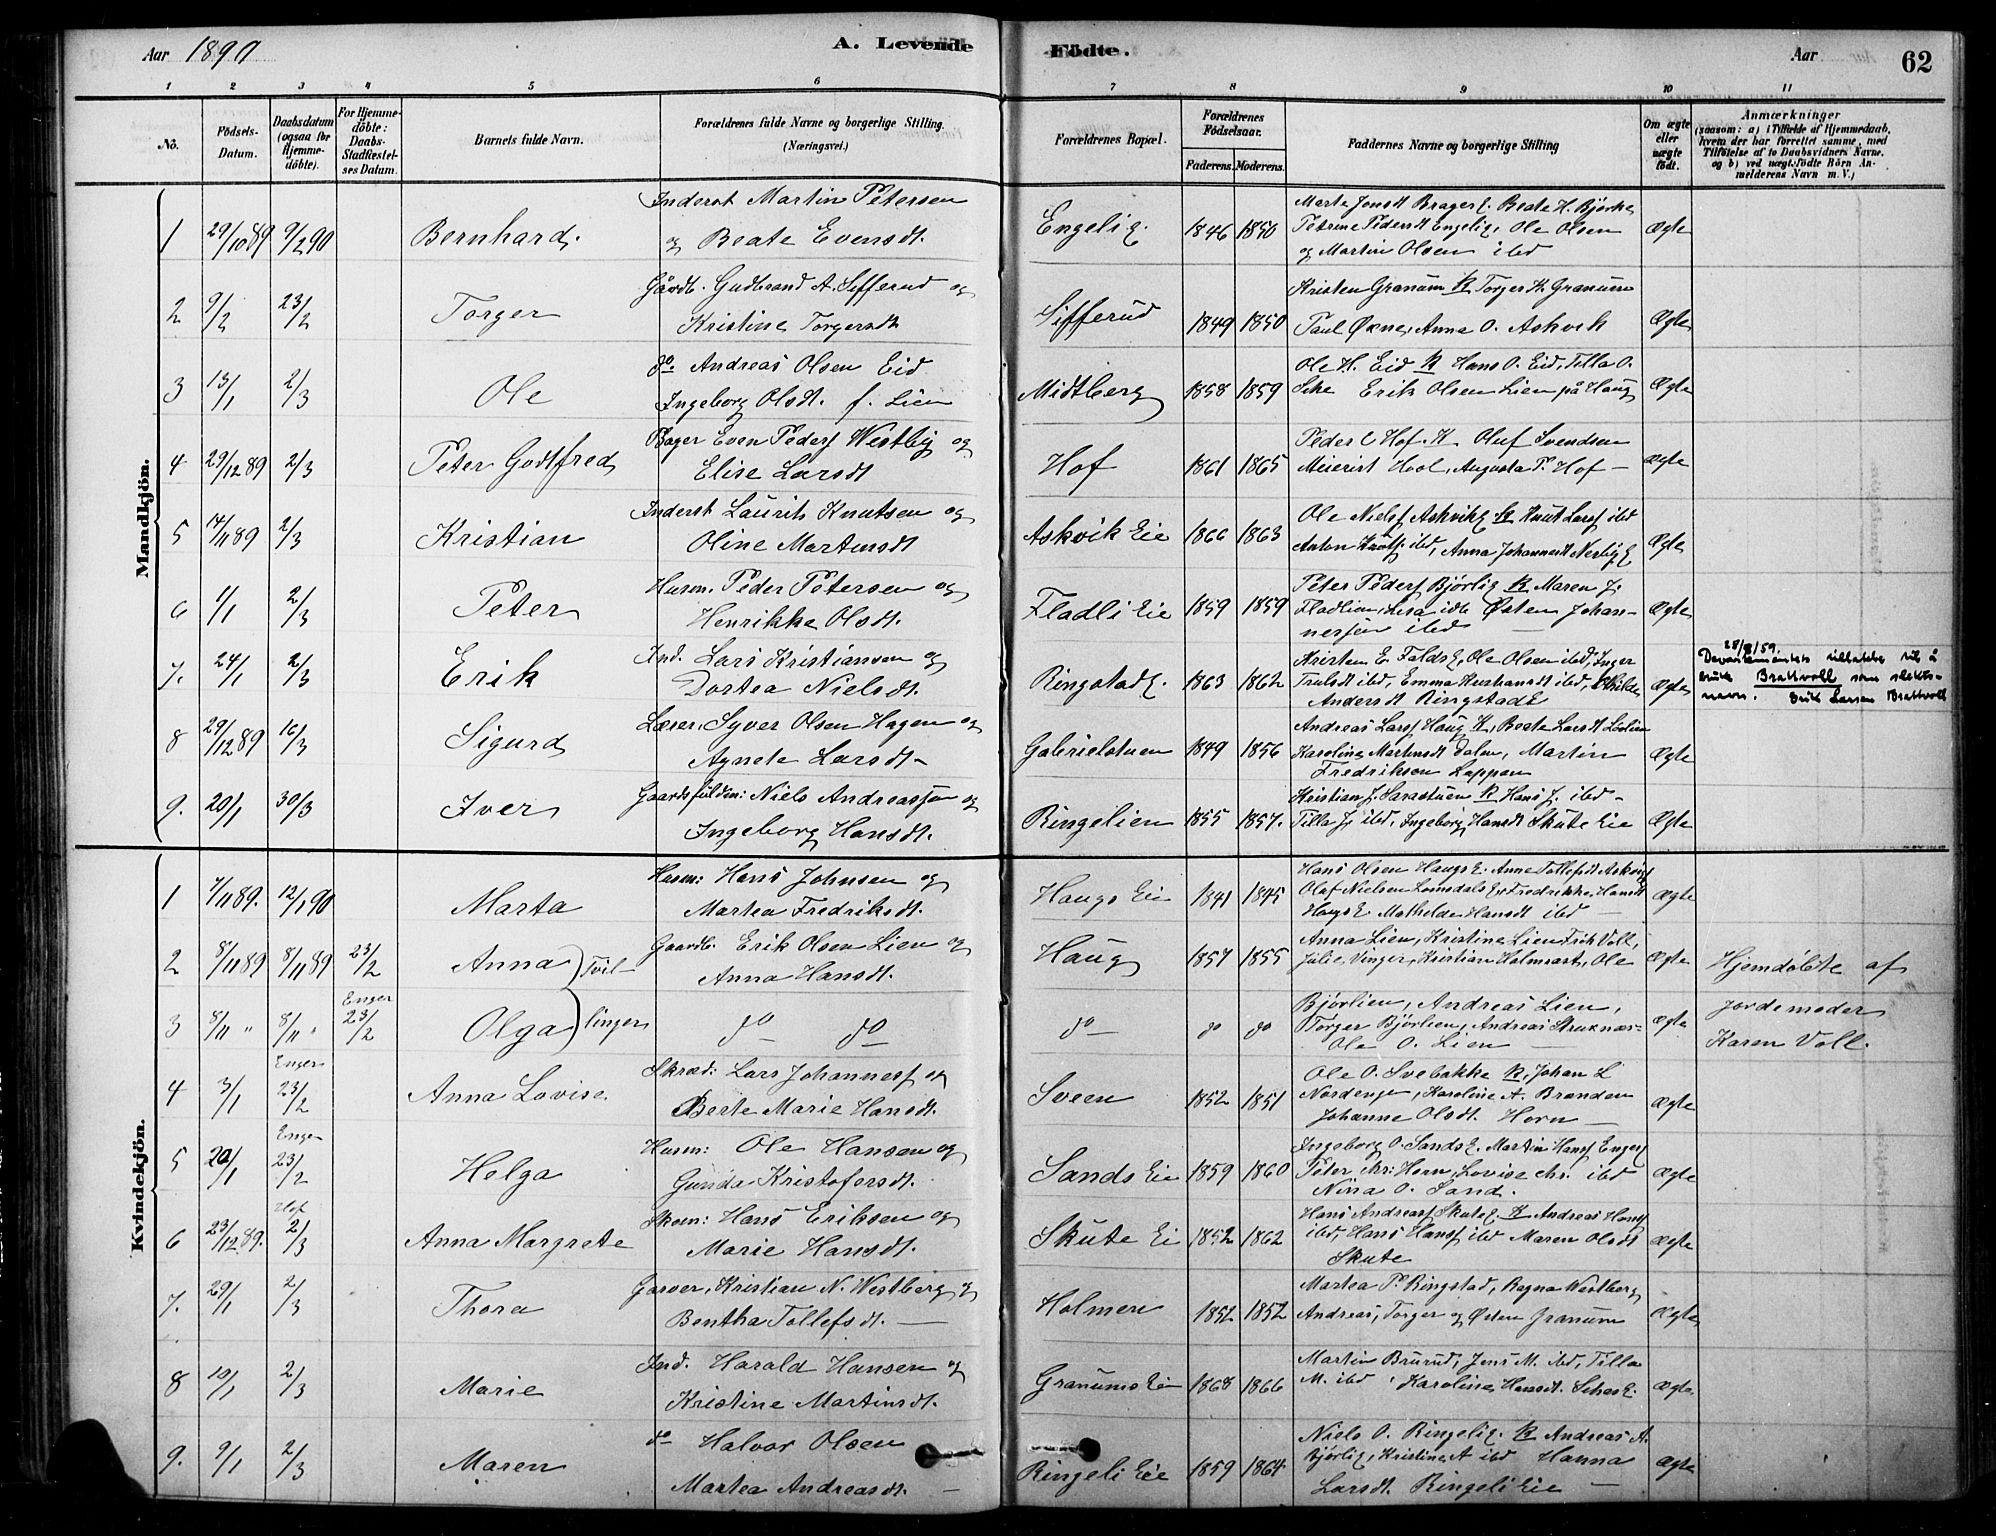 SAH, Søndre Land prestekontor, K/L0003: Ministerialbok nr. 3, 1878-1894, s. 62